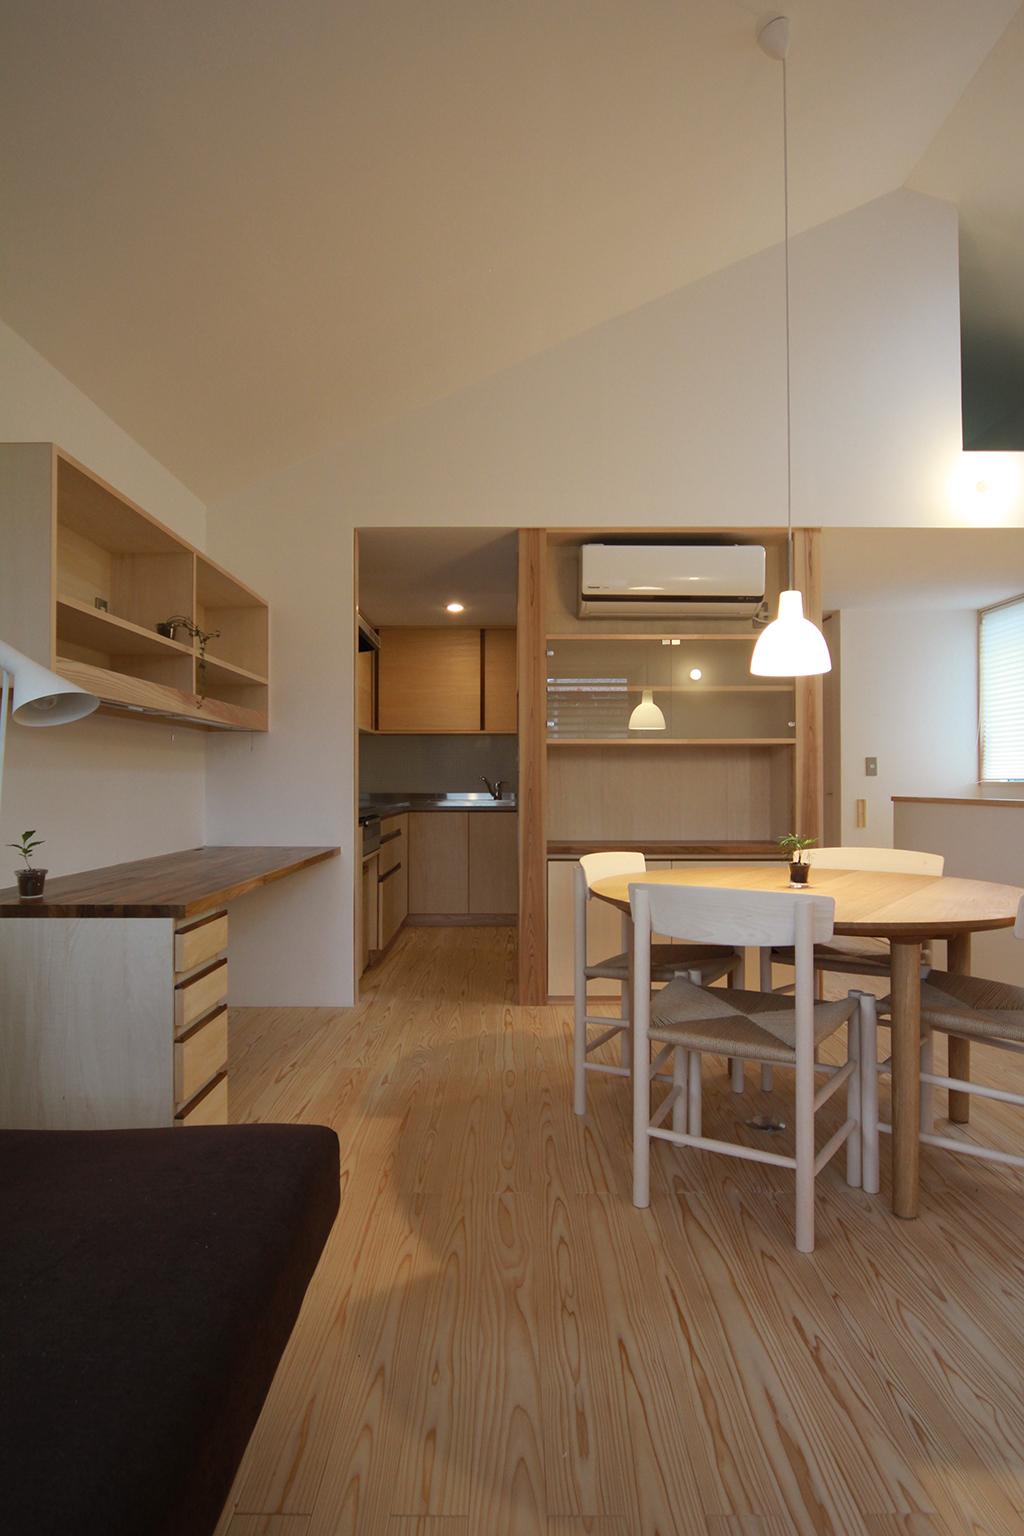 姫路市の木の家 屋根形状を活かし開放感のあるLDK